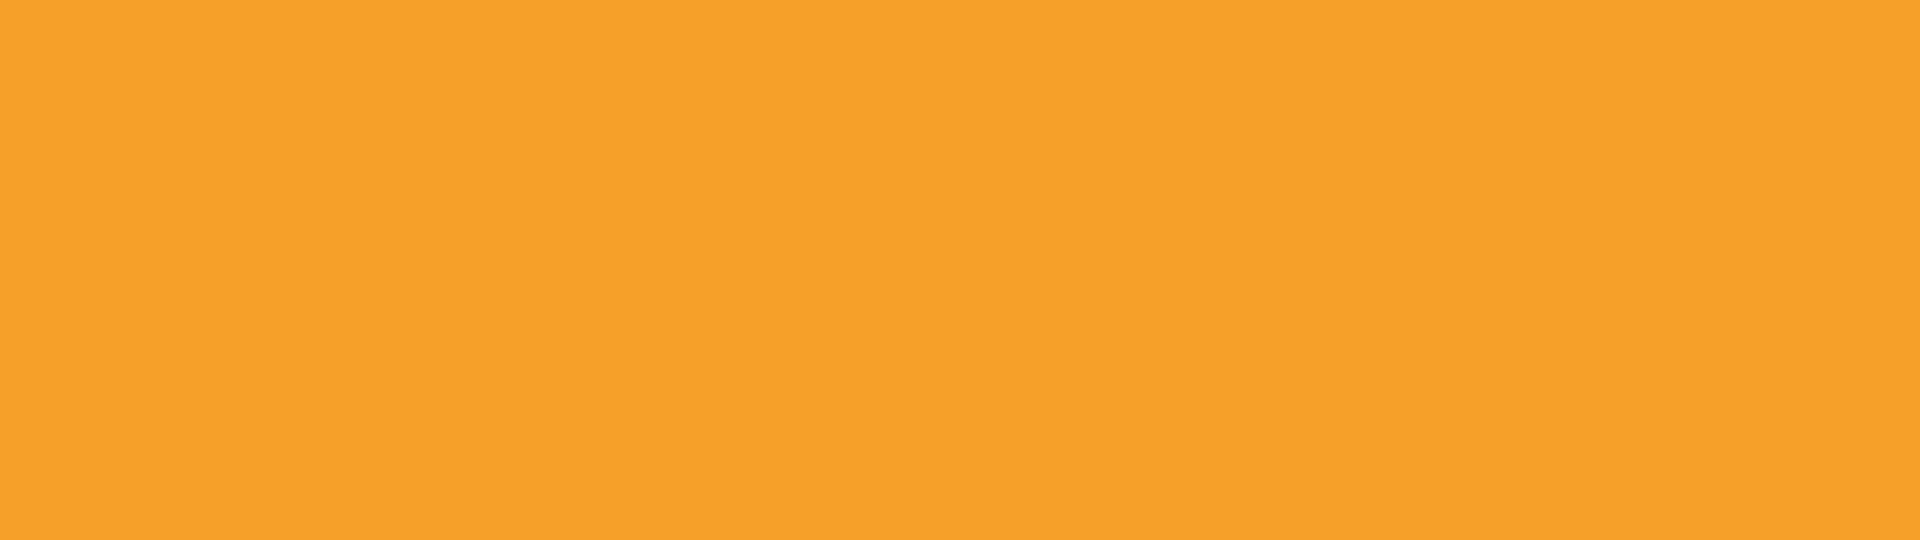 CATEGORY-HOBI-SOGUKHAVALARDAINDIRIMLIPUZZLE-17-01